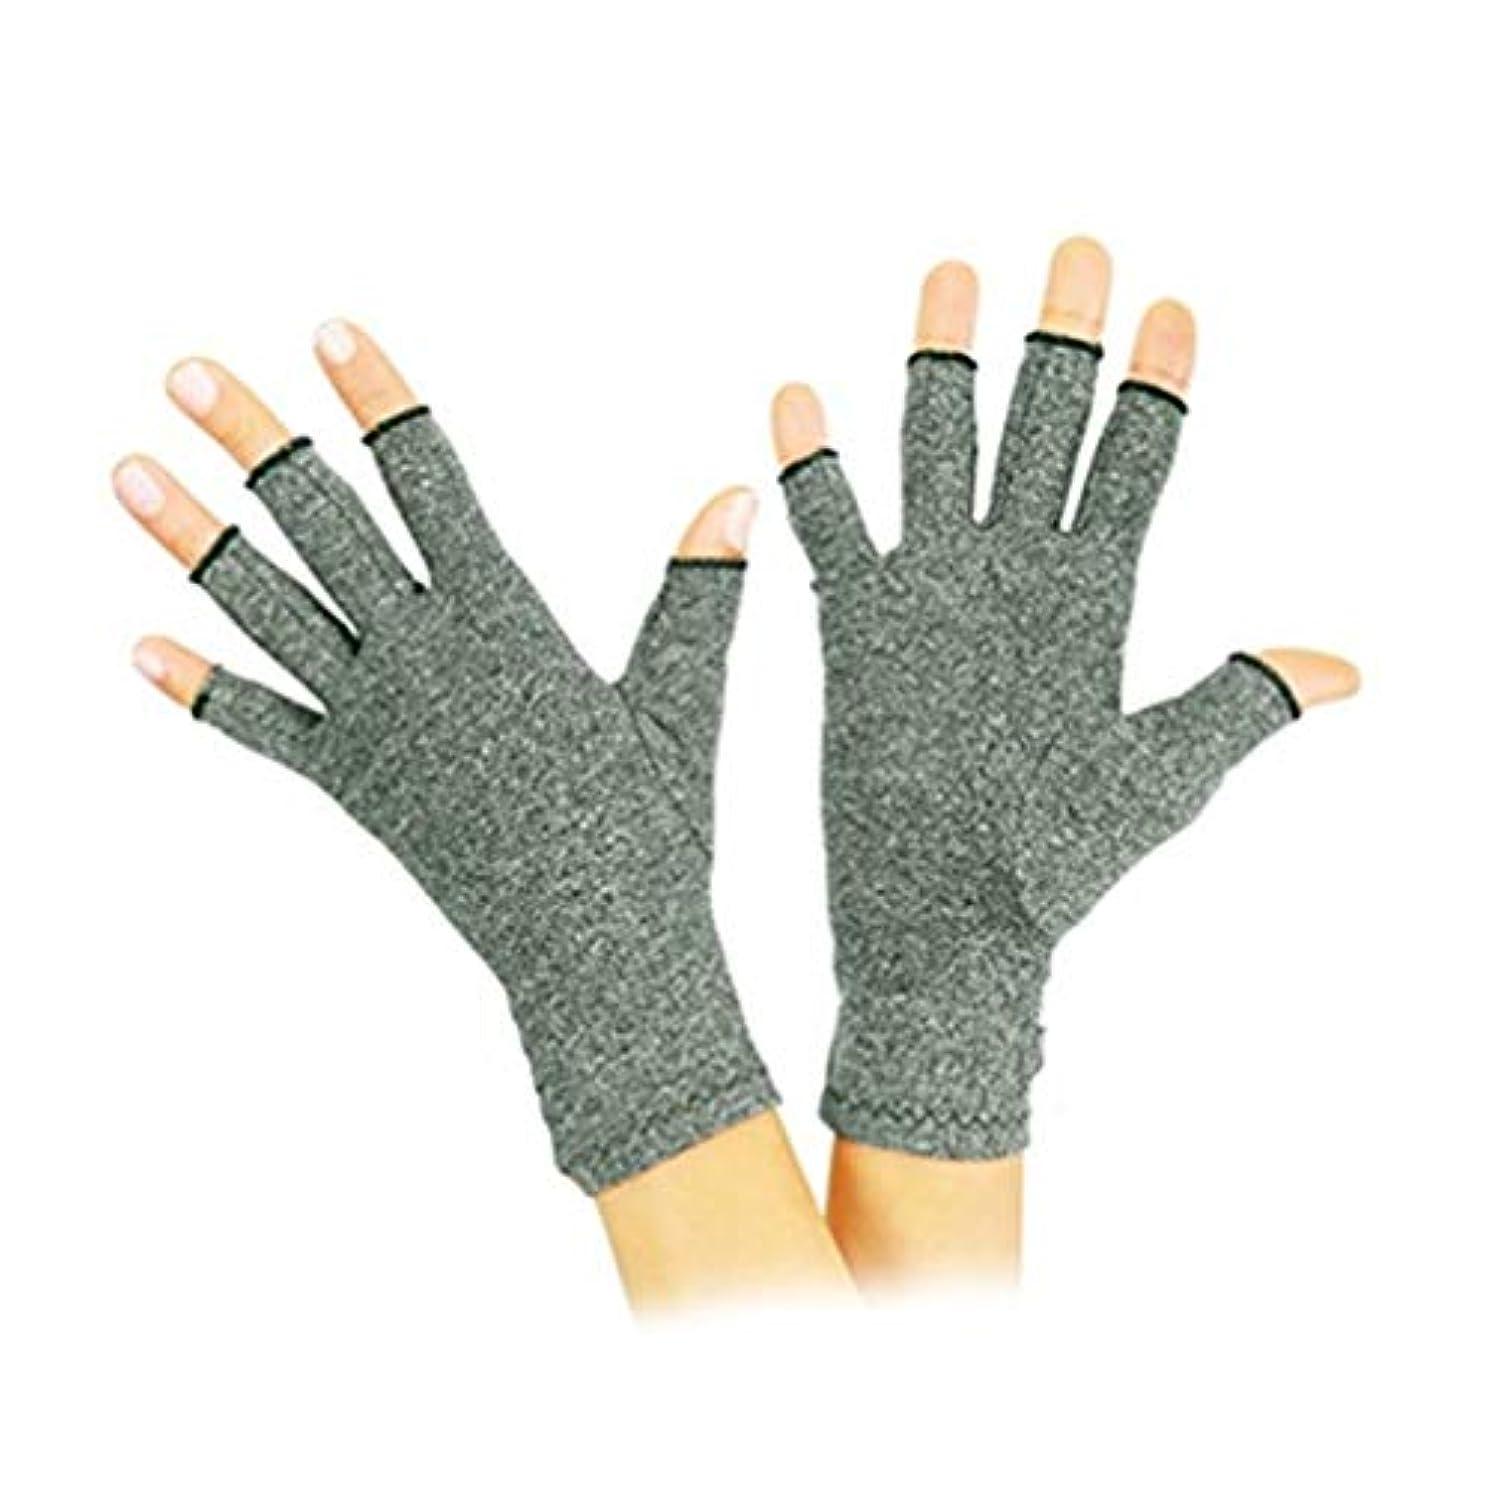 インペリアル確認する中性関節リウマチリウマチ性変形性関節症用手袋圧縮手袋コンピュータ入力用痛み緩和